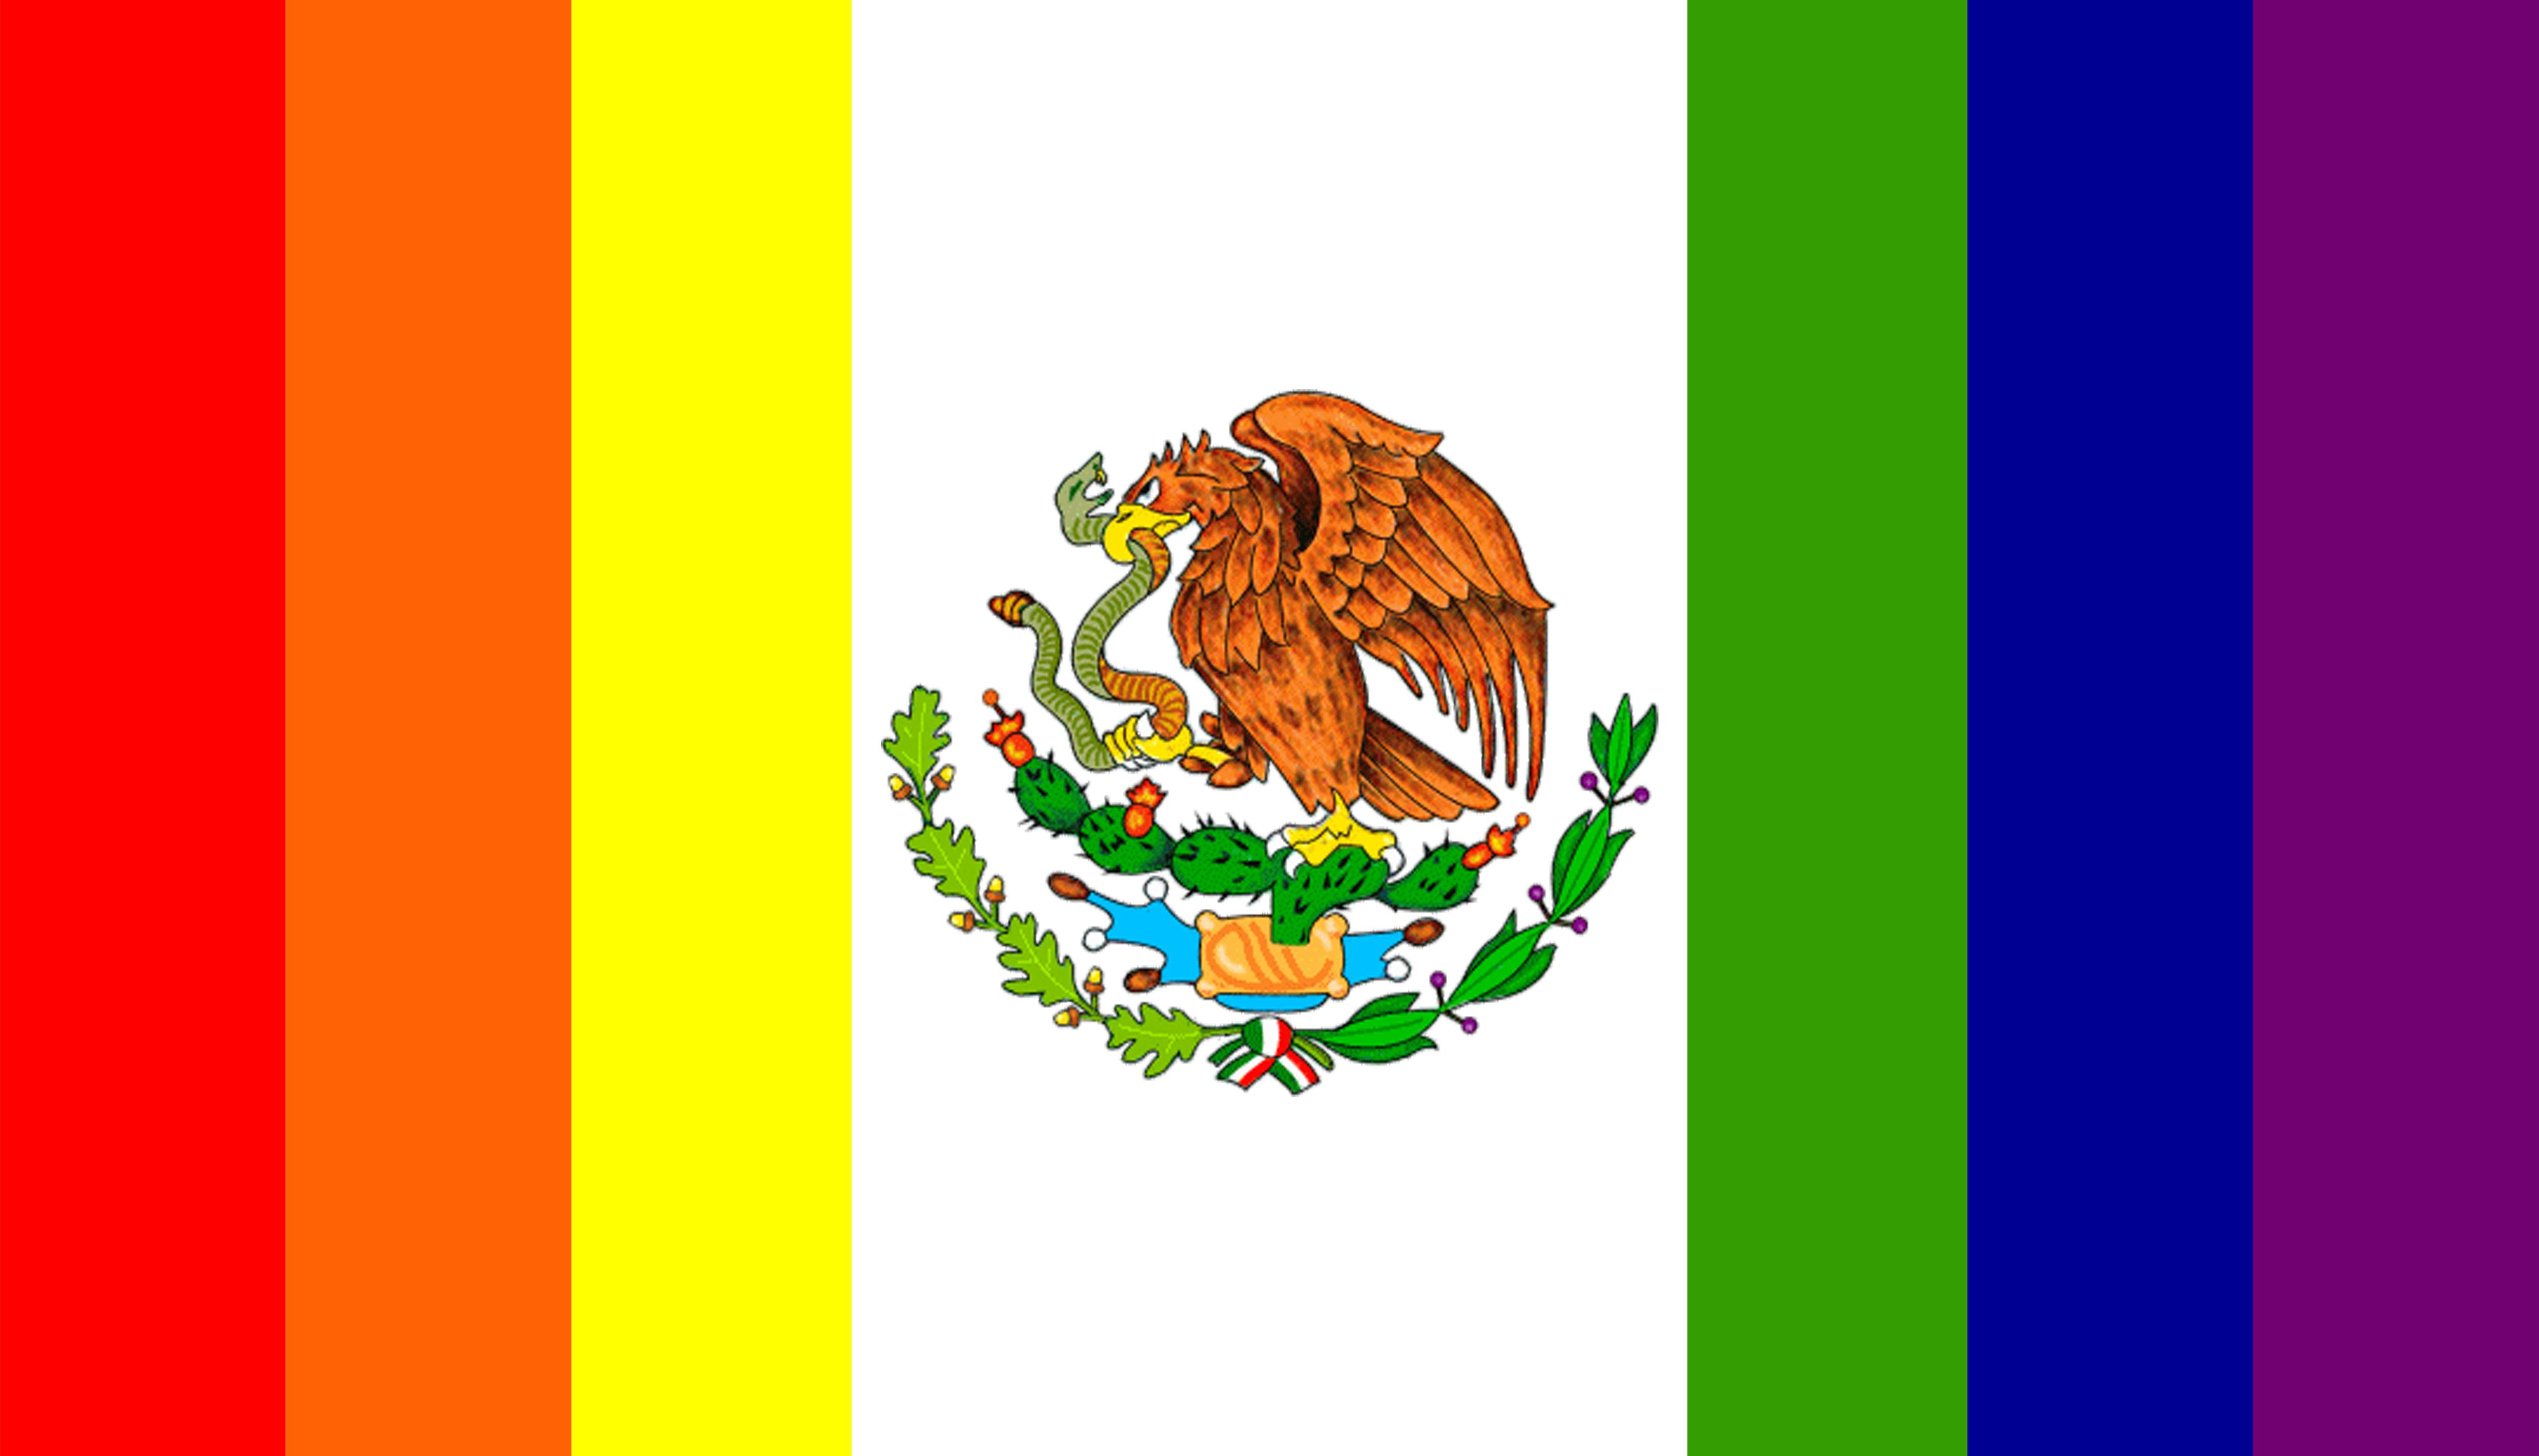 File:Bandera LGBT del Mexico.png.